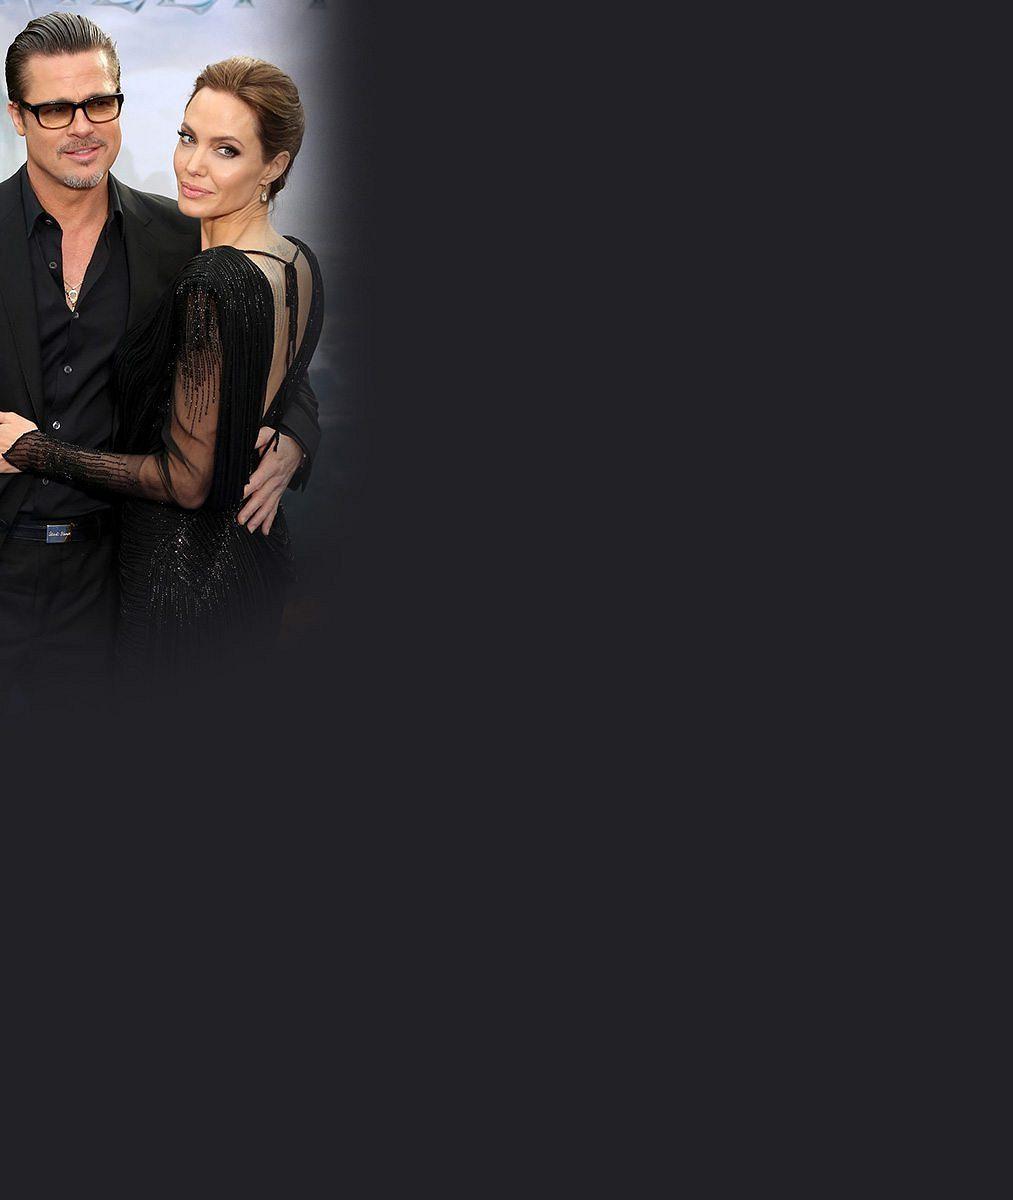 12 let Brangeliny obrazem: Jak šel čas s nejkrásnějším párem Hollywoodu? Pitt šedivěl, Jolie hubla